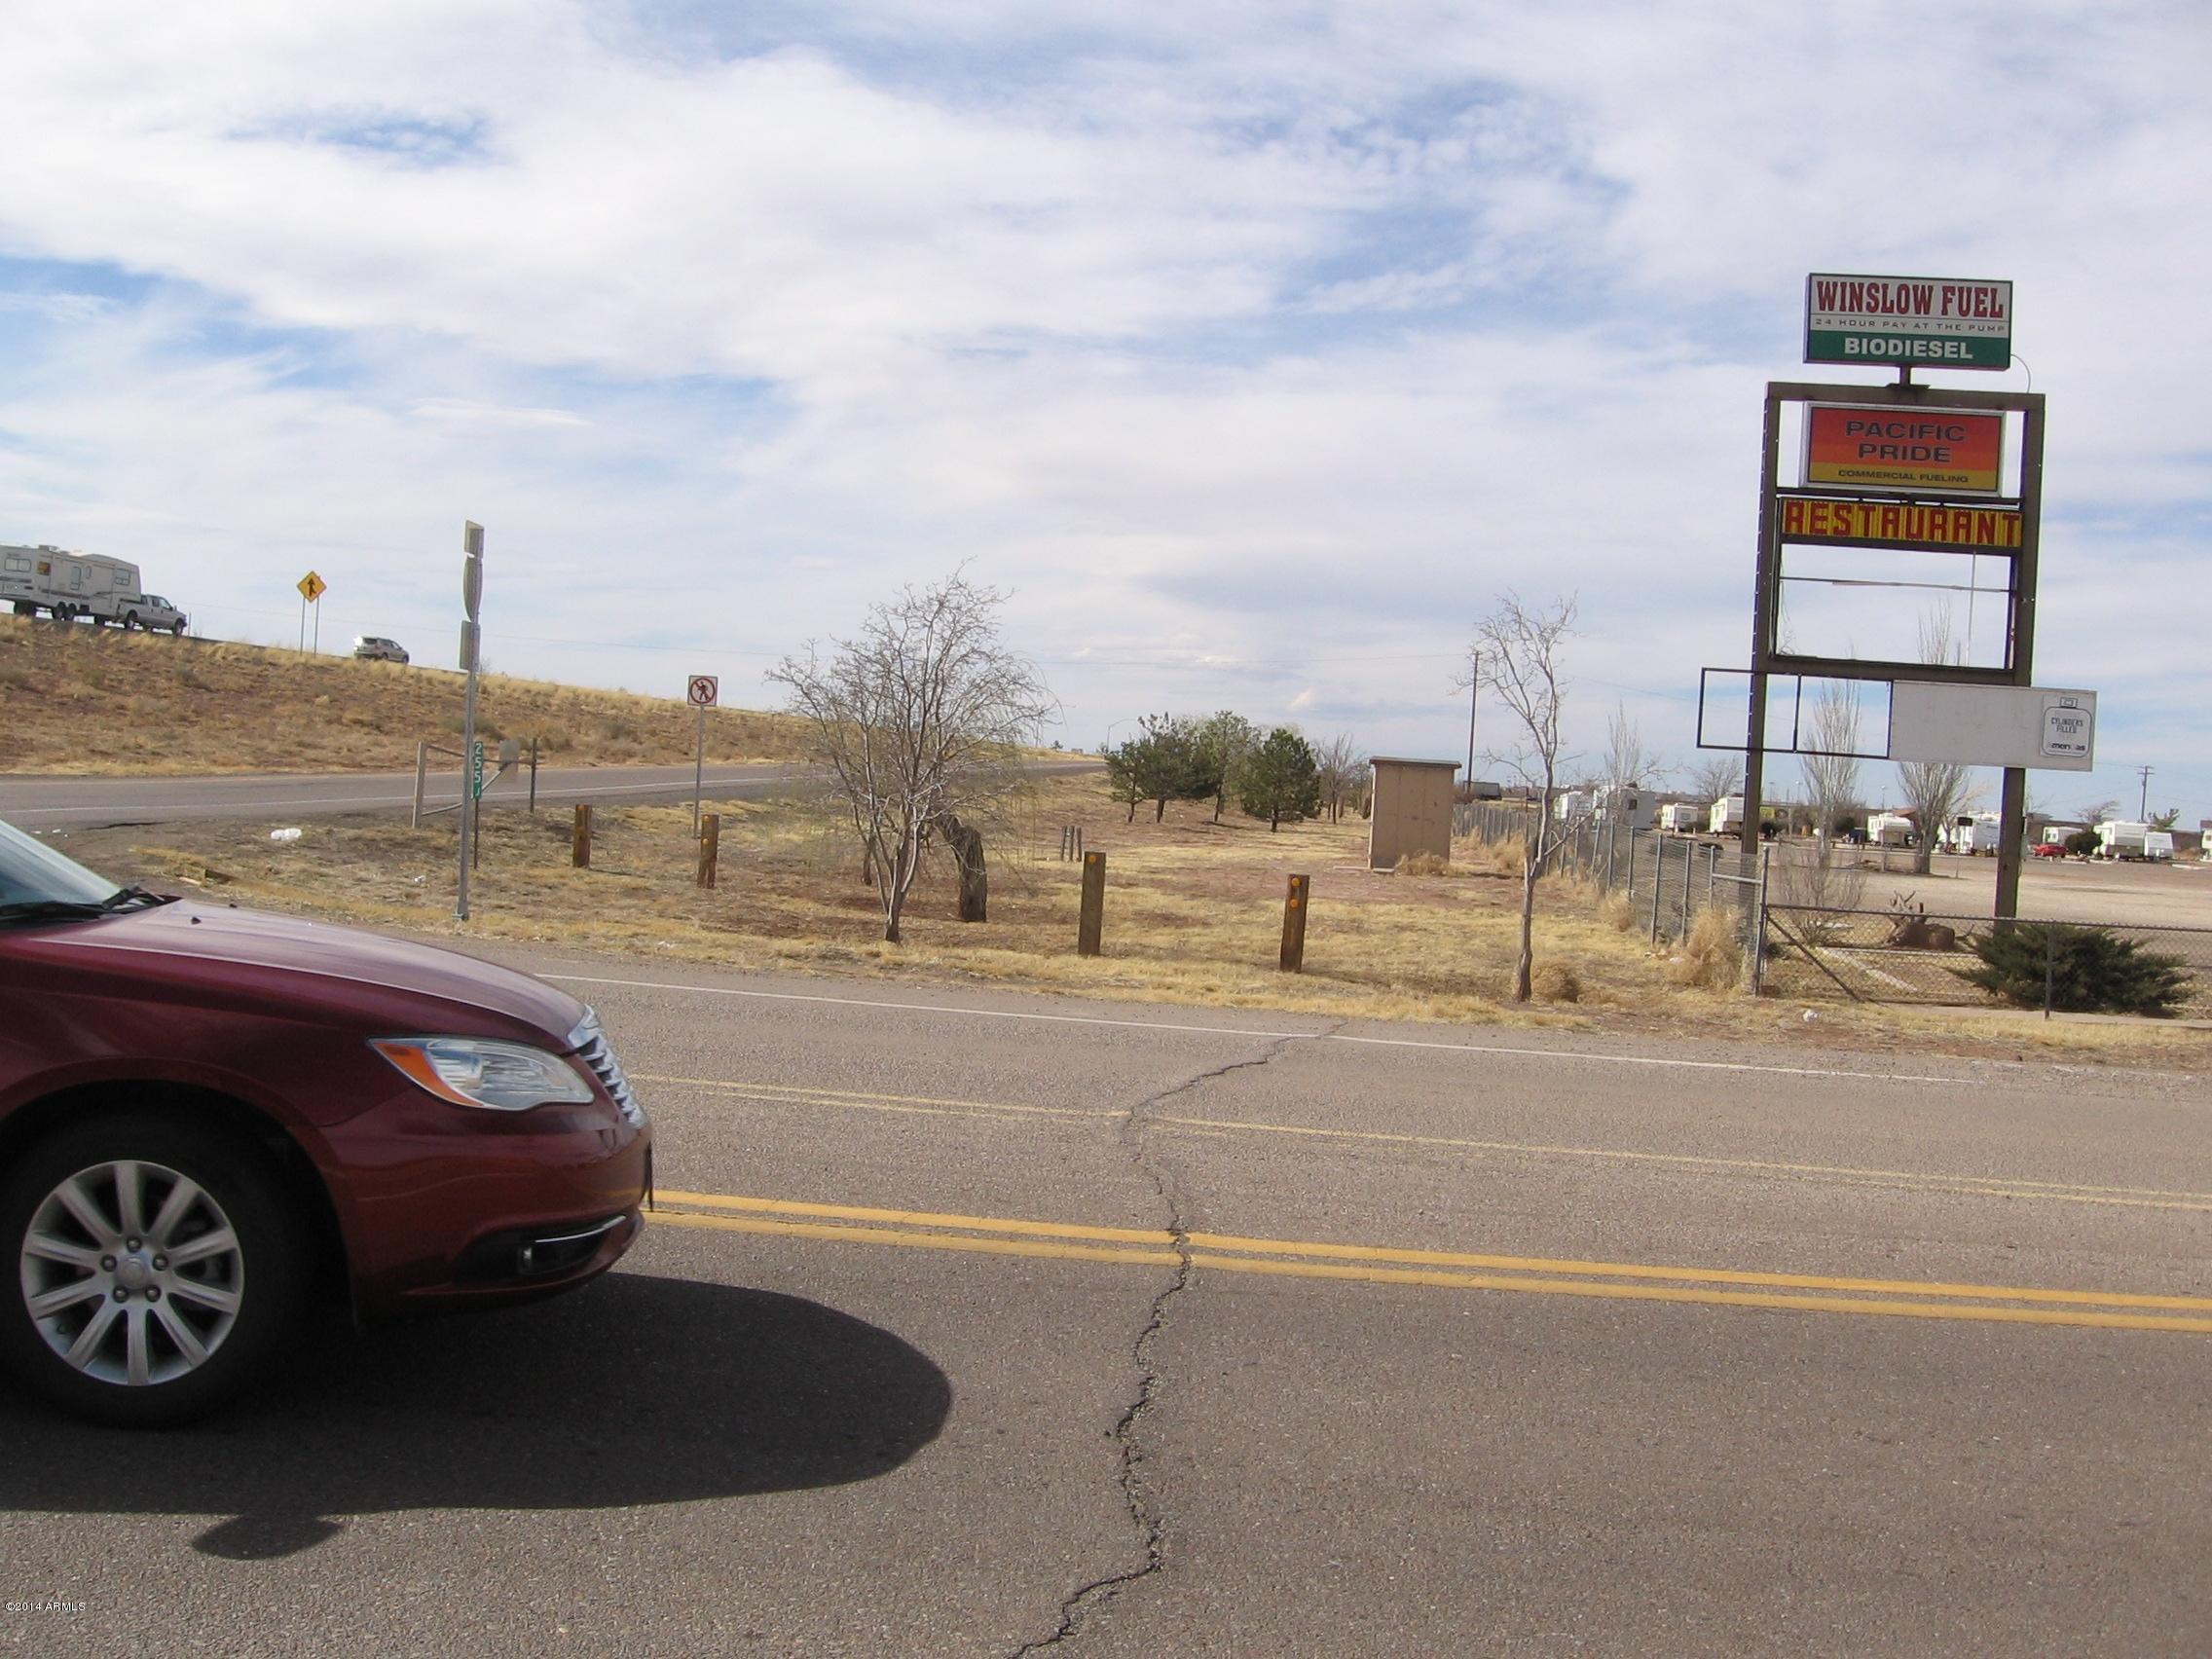 716 N Transcon Lane # A, Winslow, Arizona 86047, ,Land,For Sale,716 N Transcon Lane # A,5339206